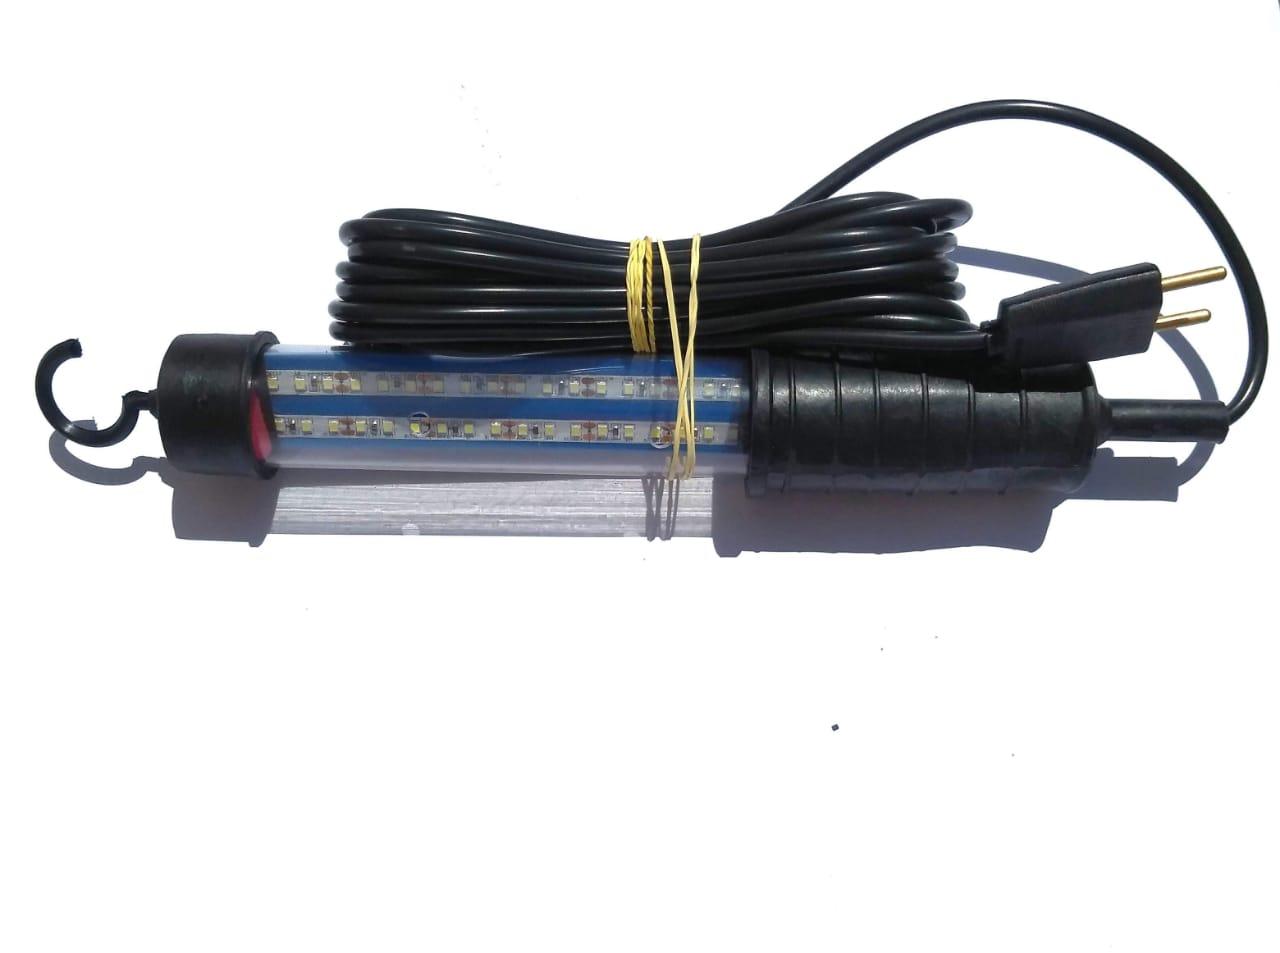 Kit 5 - Cordões de Luz Pendente Bivolt - Mecânico - cabo 7m